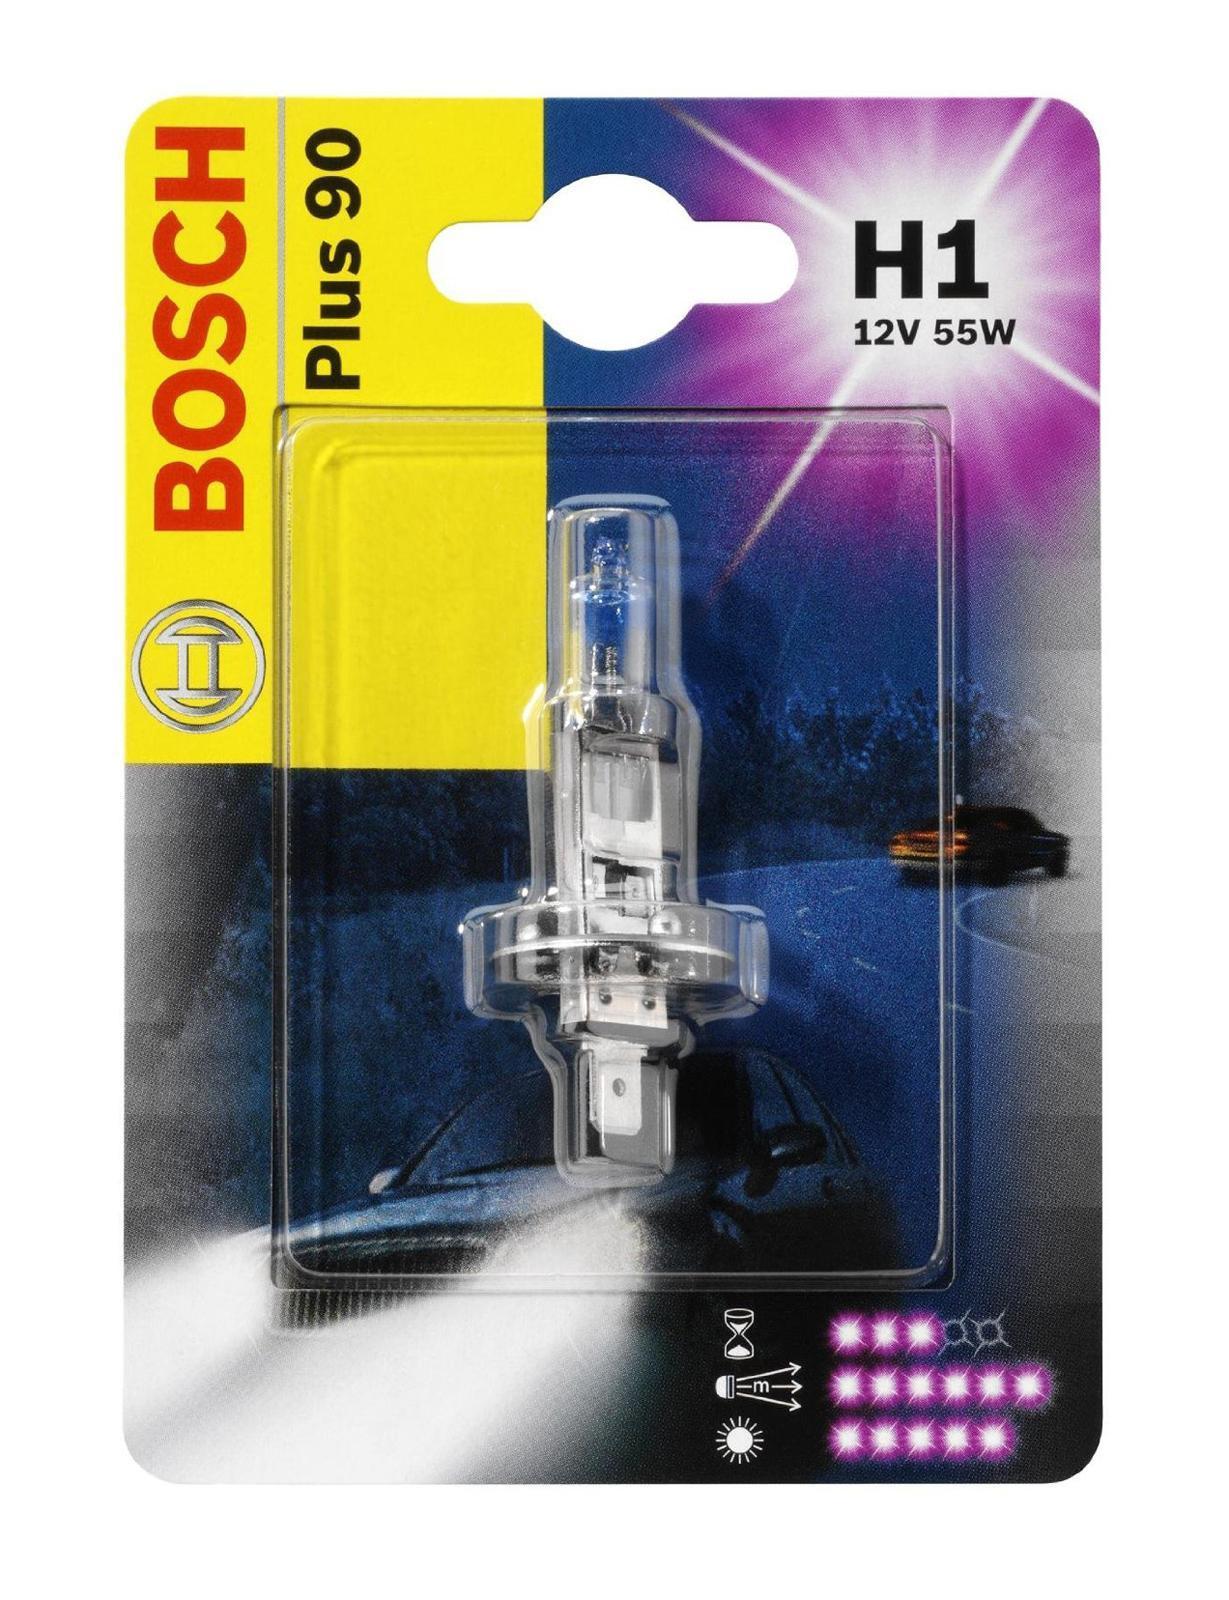 Лампа Bosch H1 +90 19873010761987301076Лампа галогенная Bosch H1 Plus 90 12V, 55W, 1 шт - источник света, у которого светящим элементом является вольфрамовая спираль. У лампы есть большой запас срока службы. Способна выдержать большое количество включений и выключений.Напряжение: 12 вольт